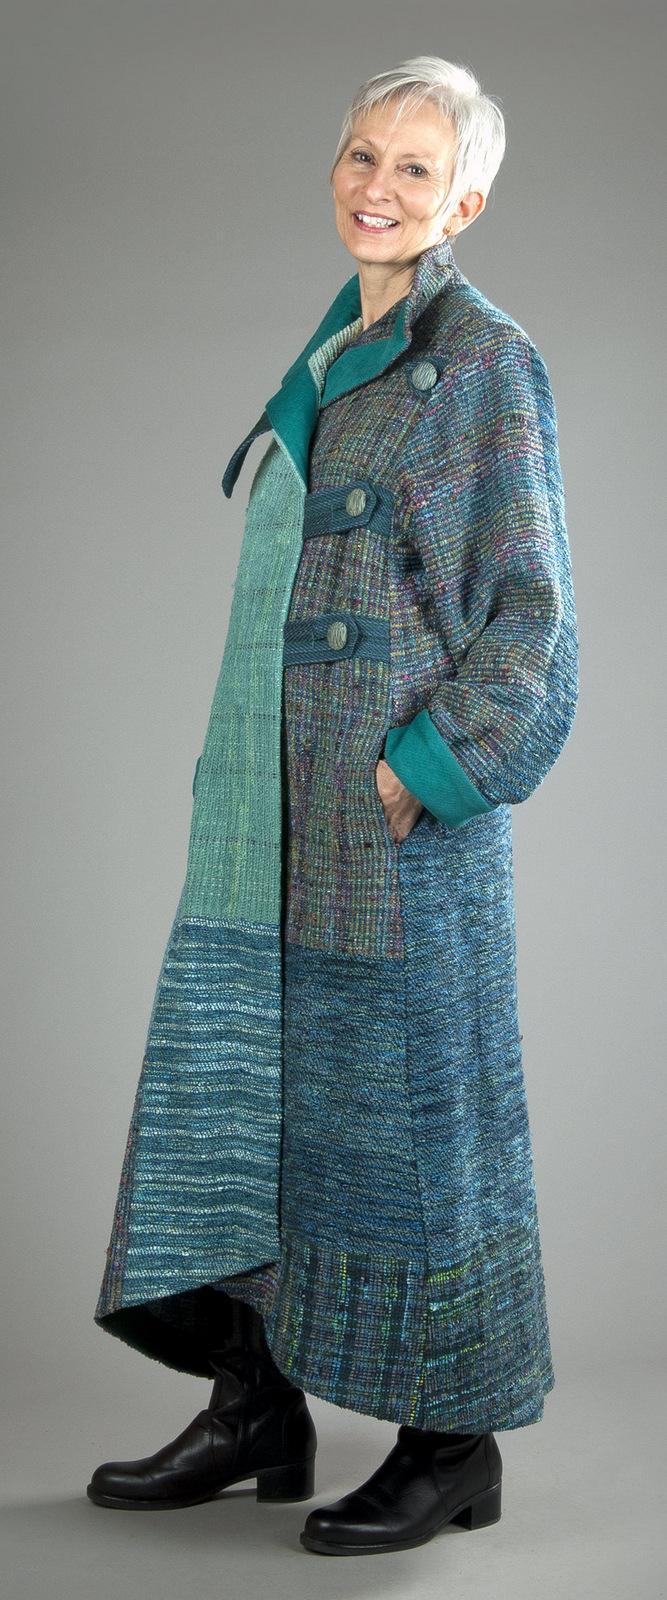 Liz Spear Handwoven, Wearable Art, Art-To-Wear-059.jpg